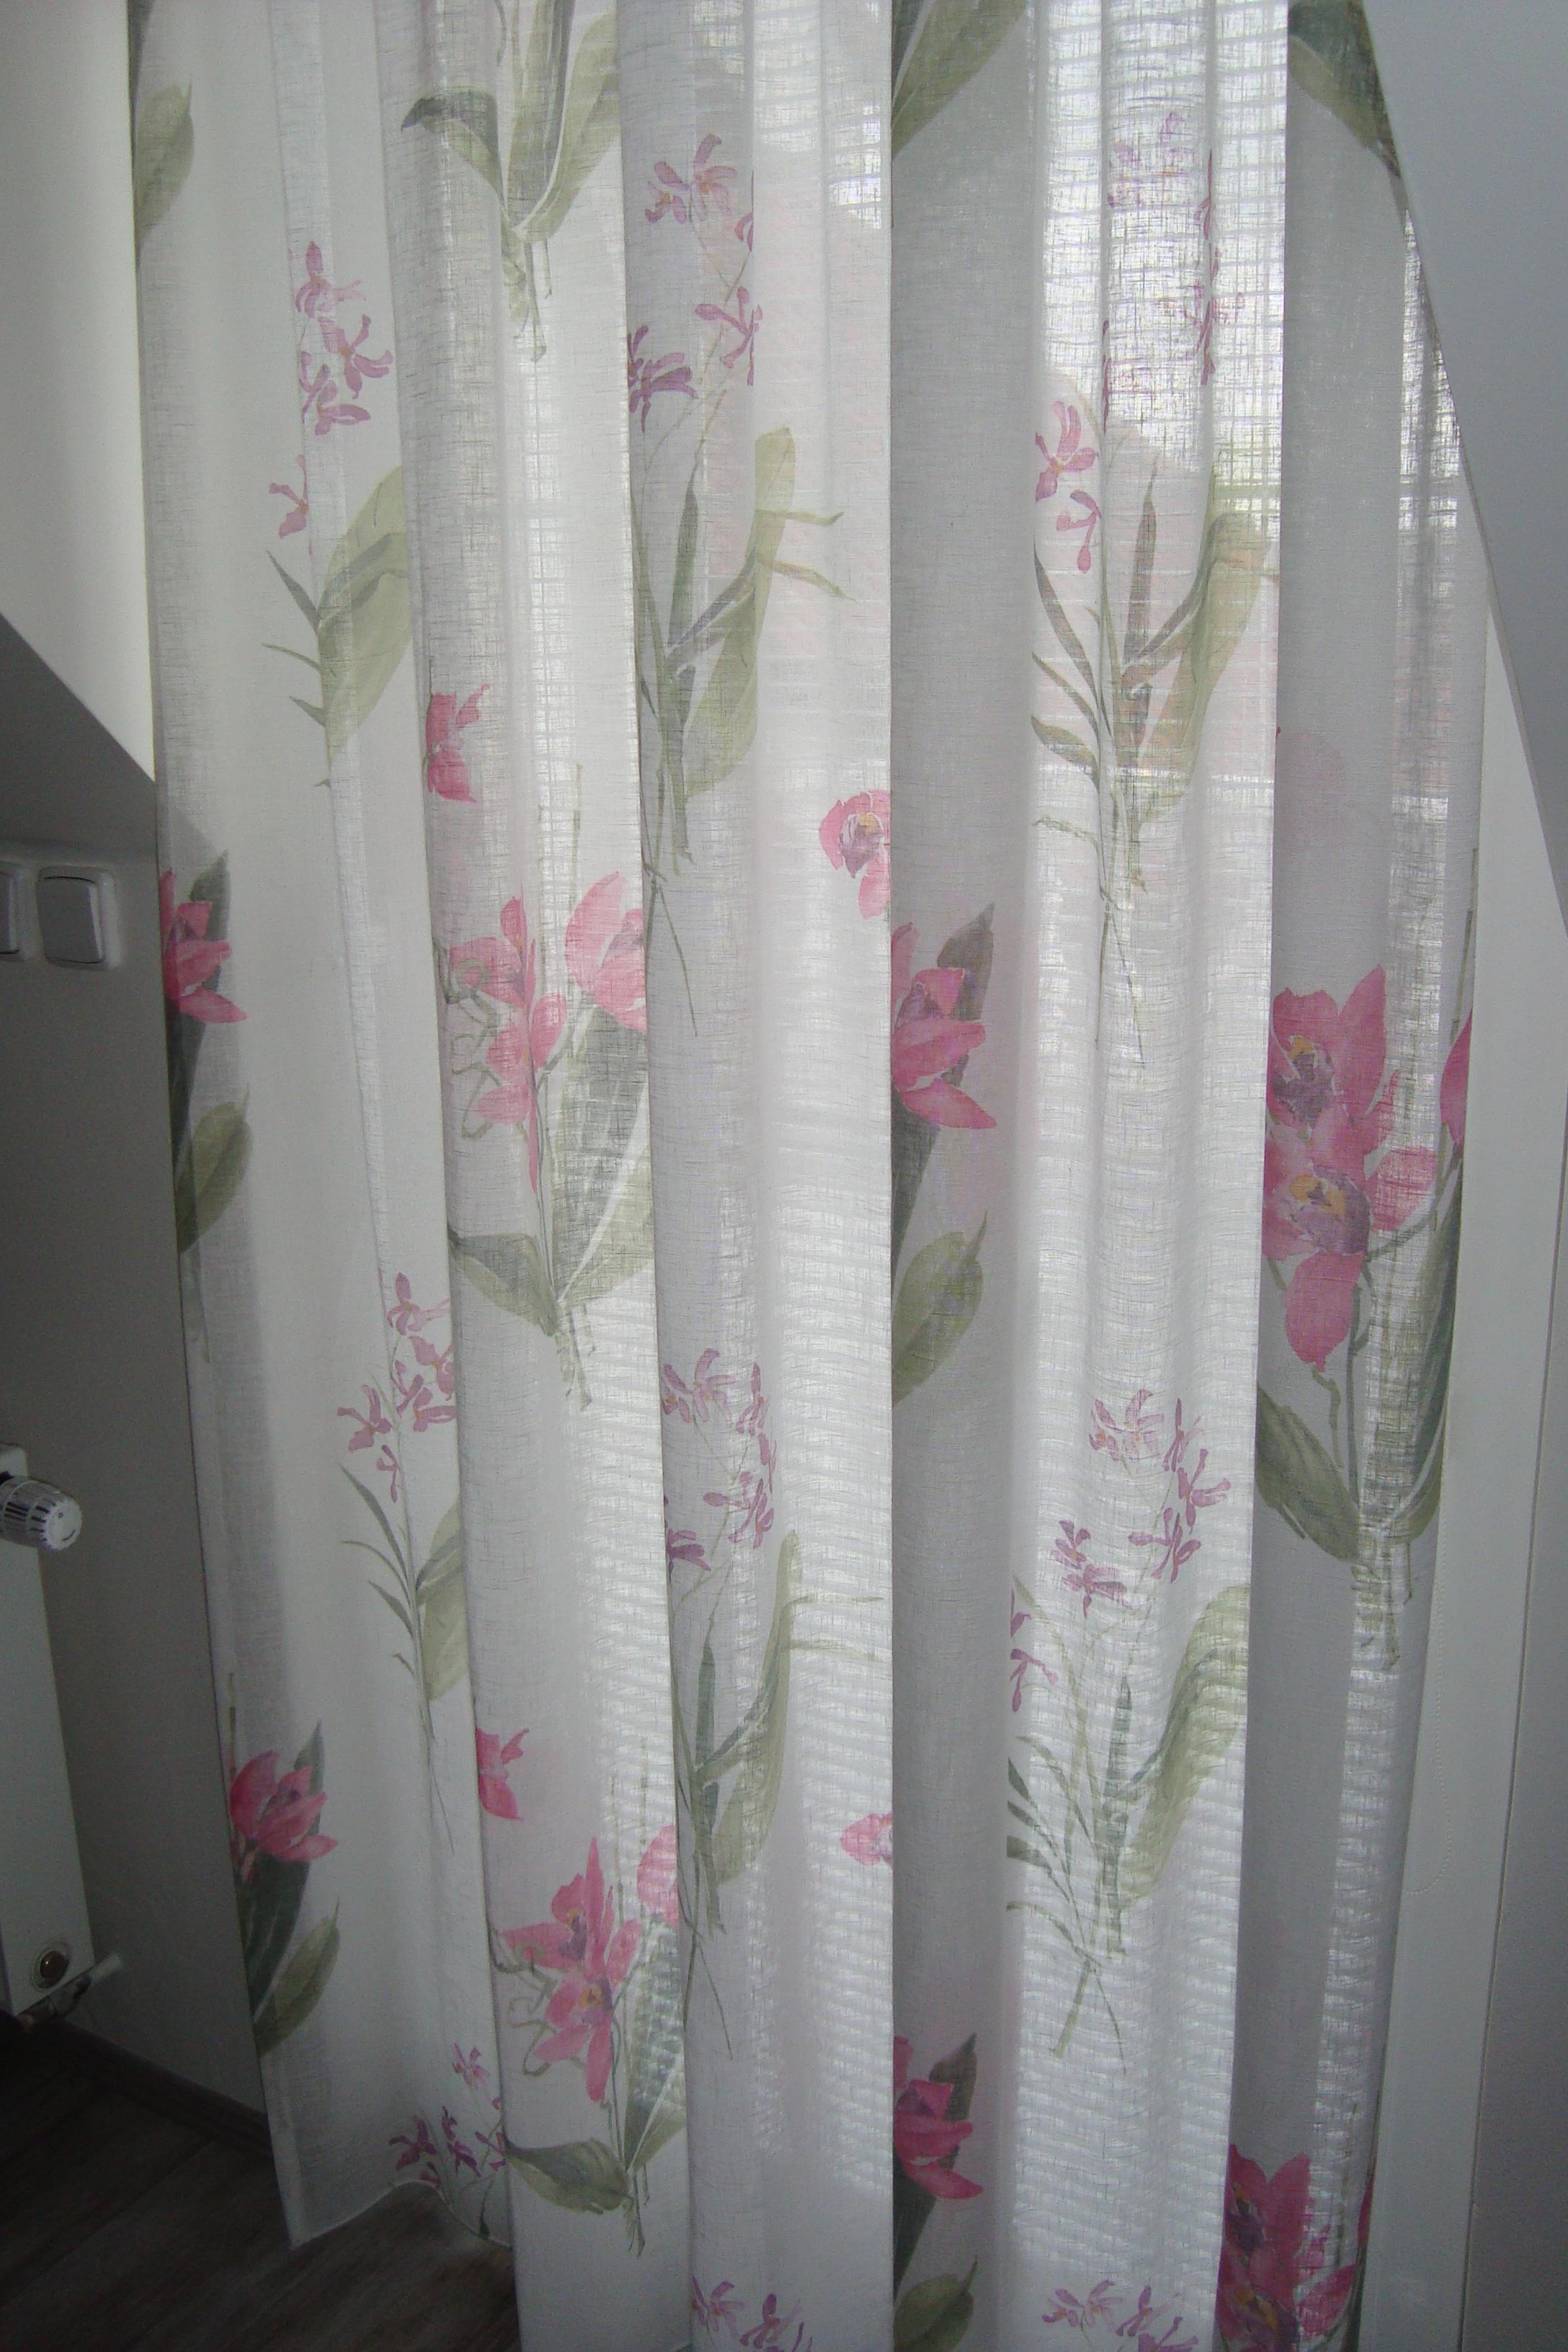 wohnzimmer hell lila: Wohnzimmer – Gardinen und ein Überwurf in rosa, lila und mit